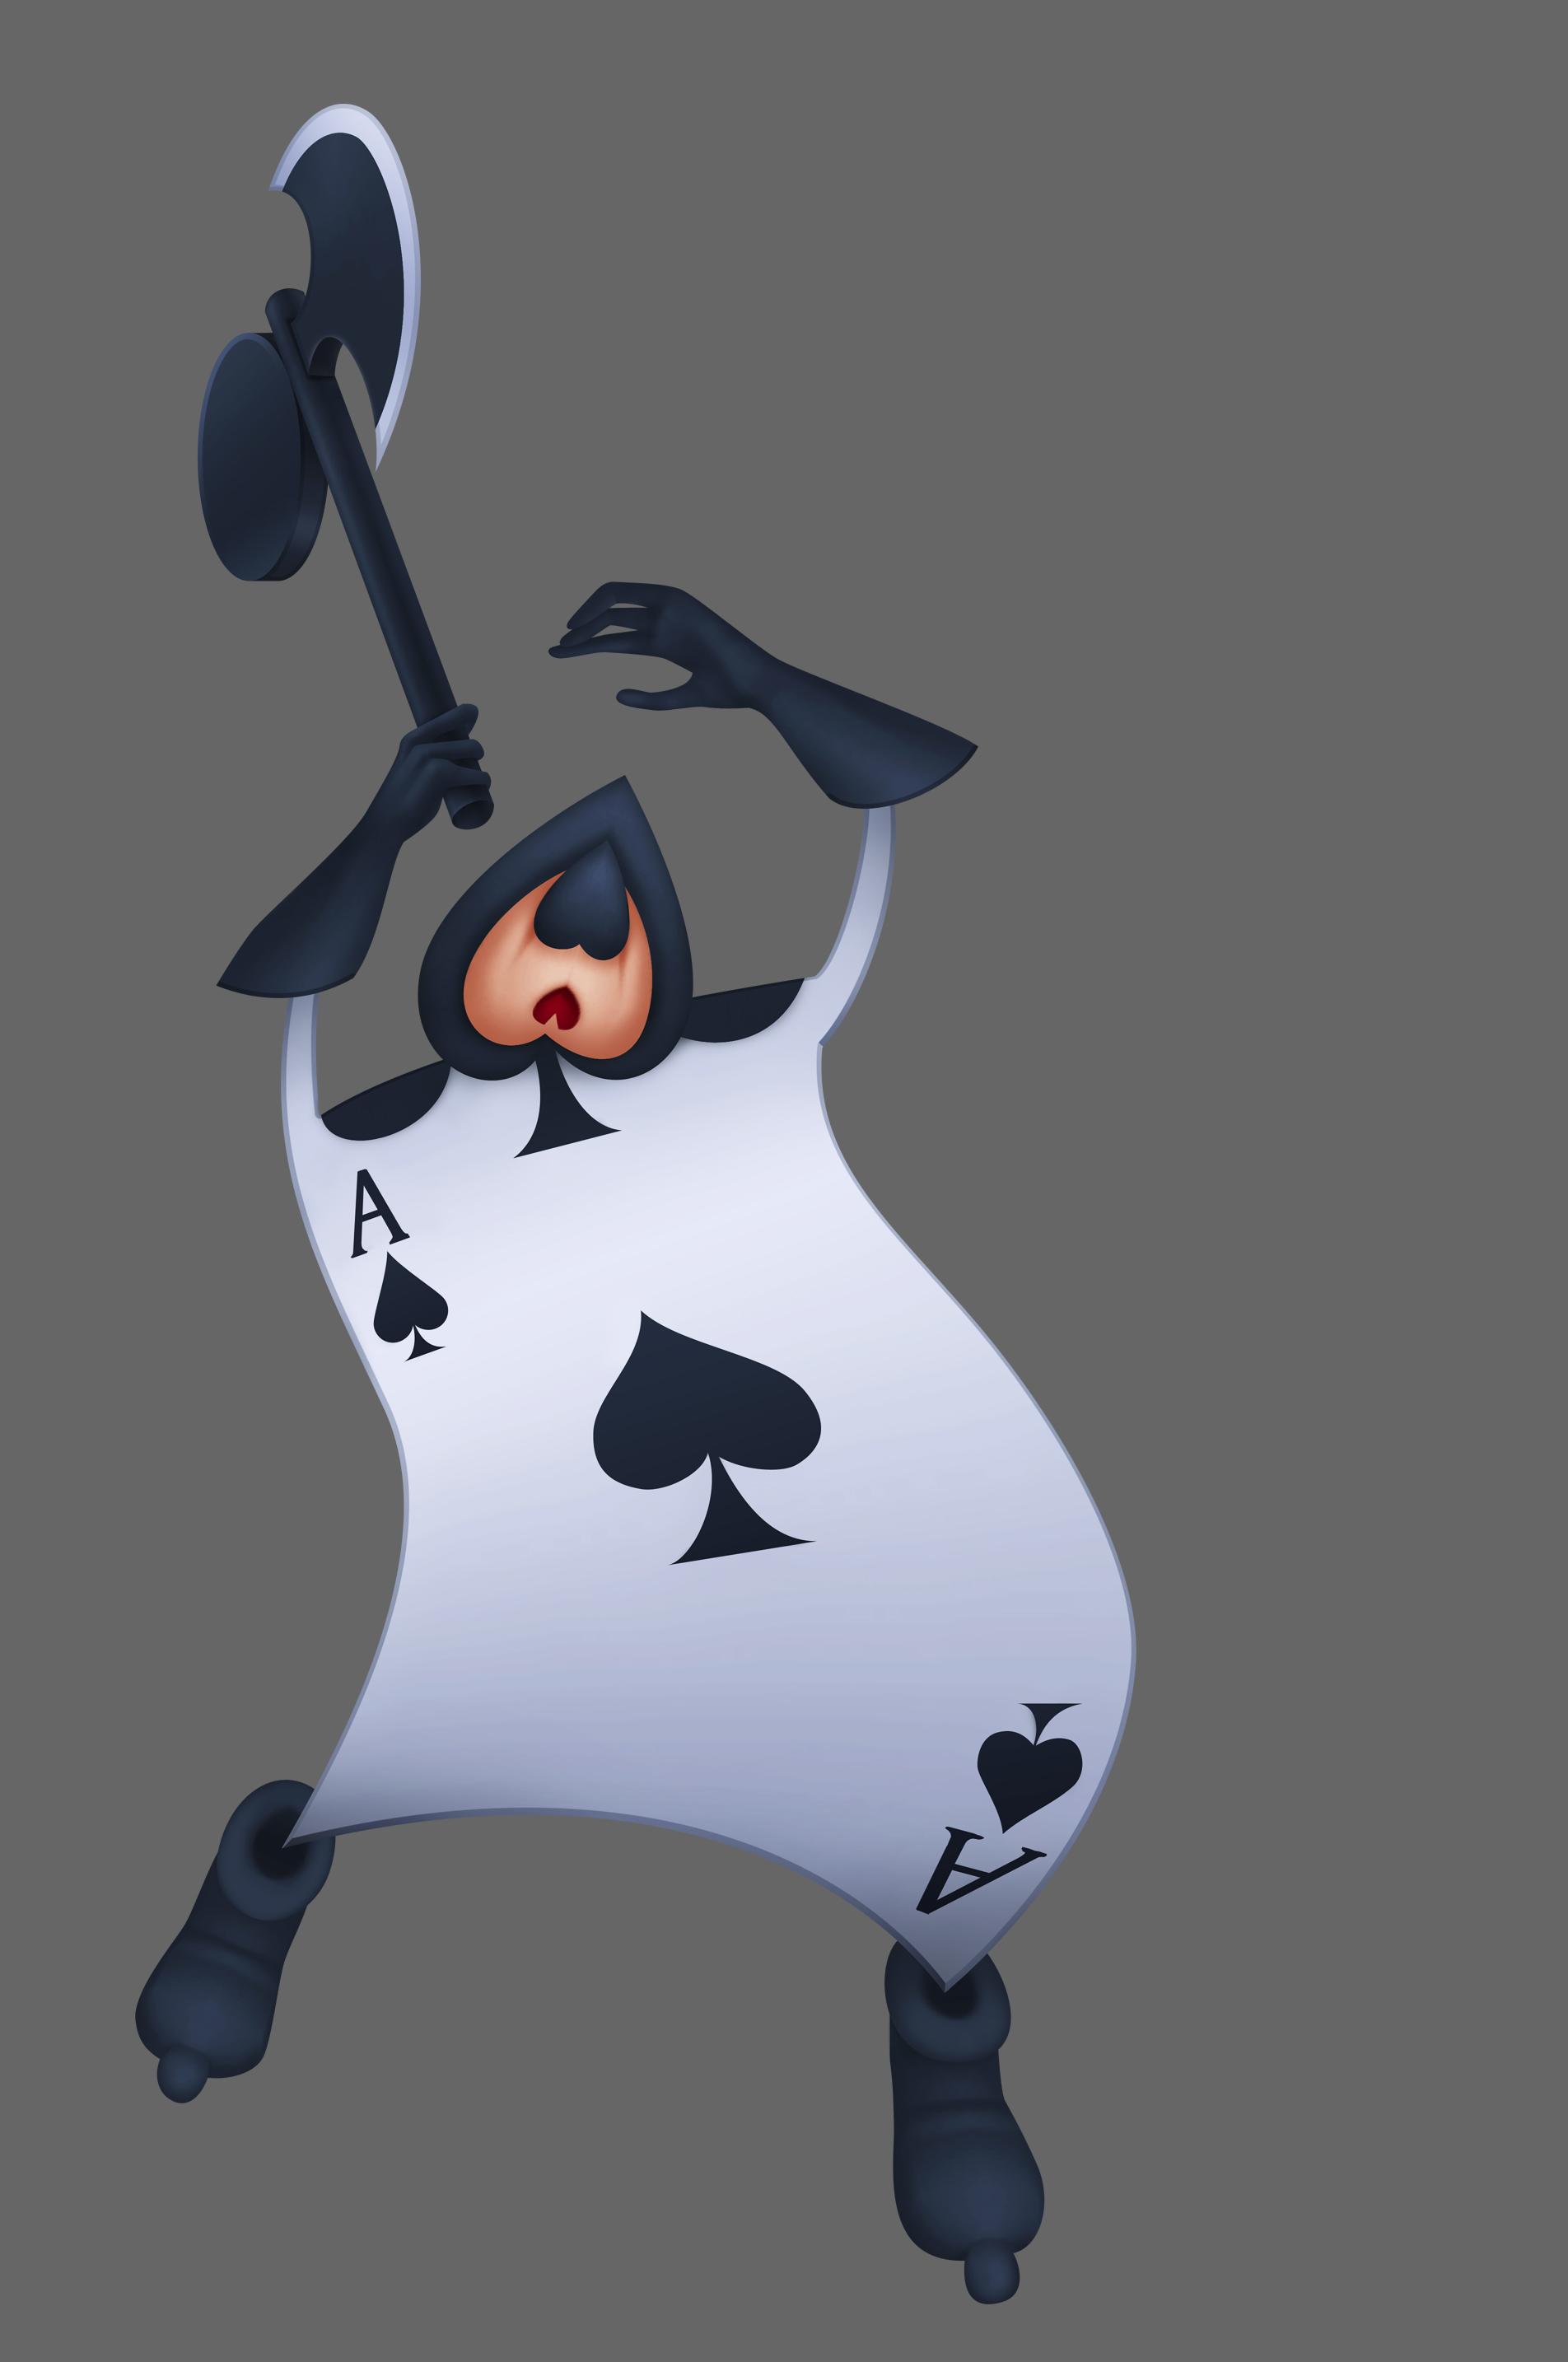 Disney Alice In Wonderland Cards Card Alice in WonderlandAlice In Wonderland Characters Disney Card Guards